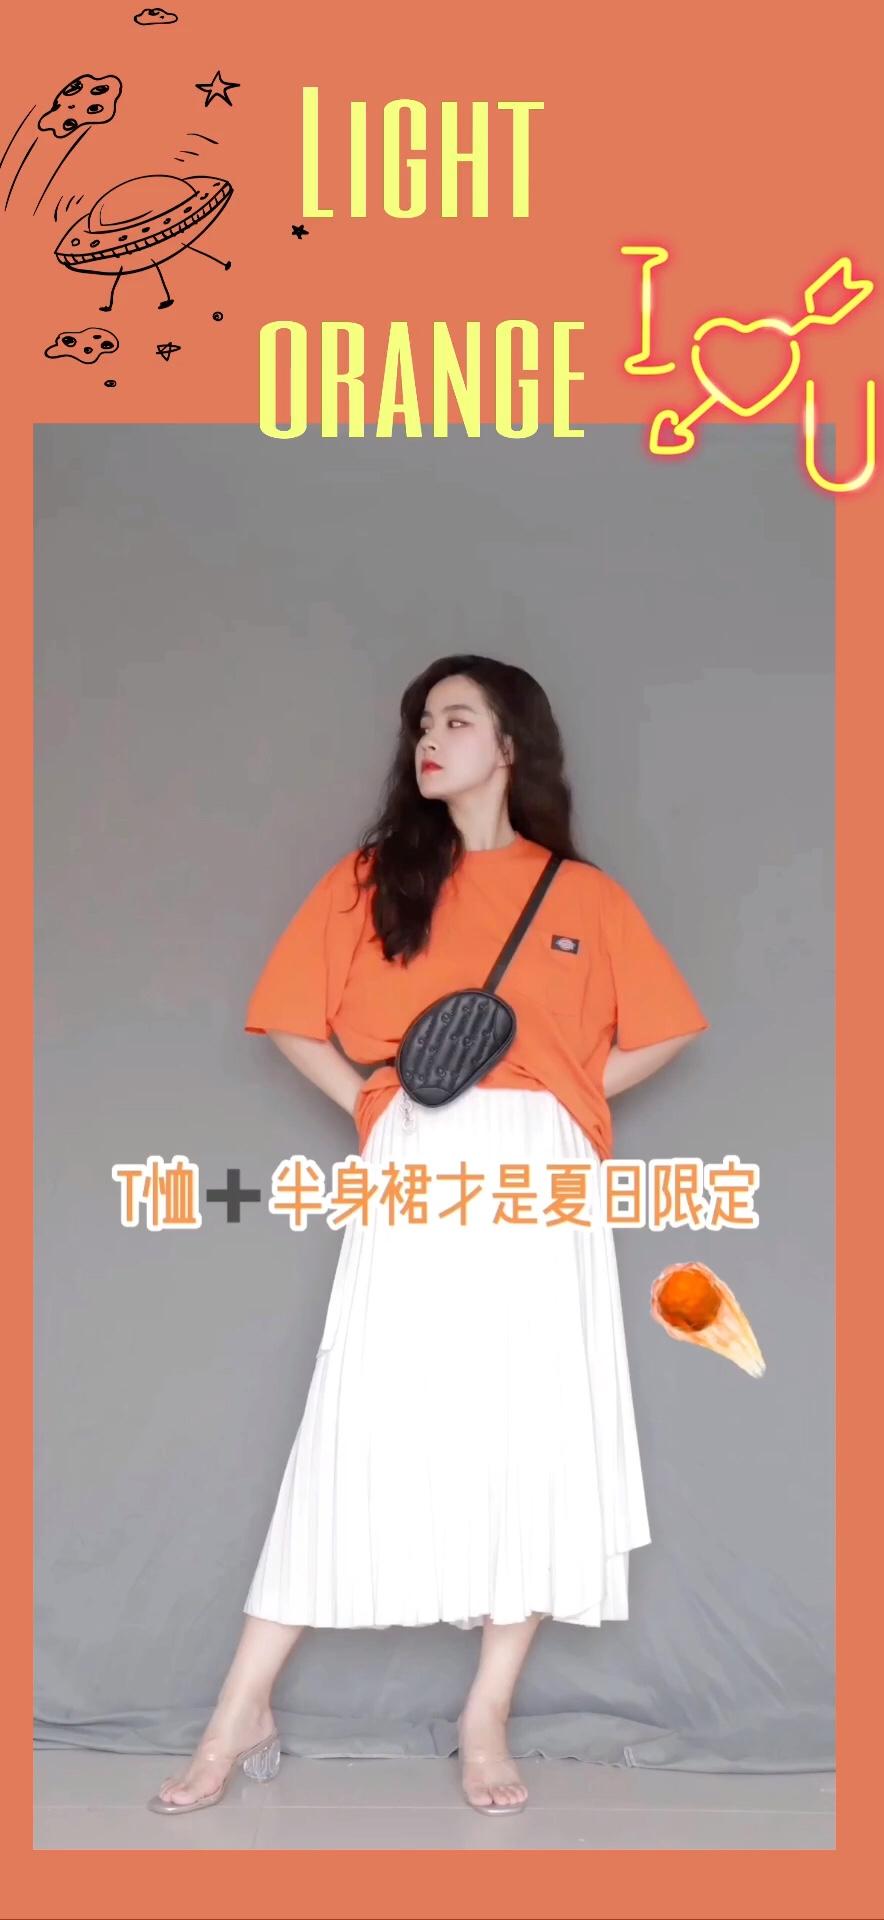 橘色圆领短袖T恤搭配白色百褶半身裙 斜挎黑色腰包 整套简约时髦#高腰:长腿制造机本机!!!#